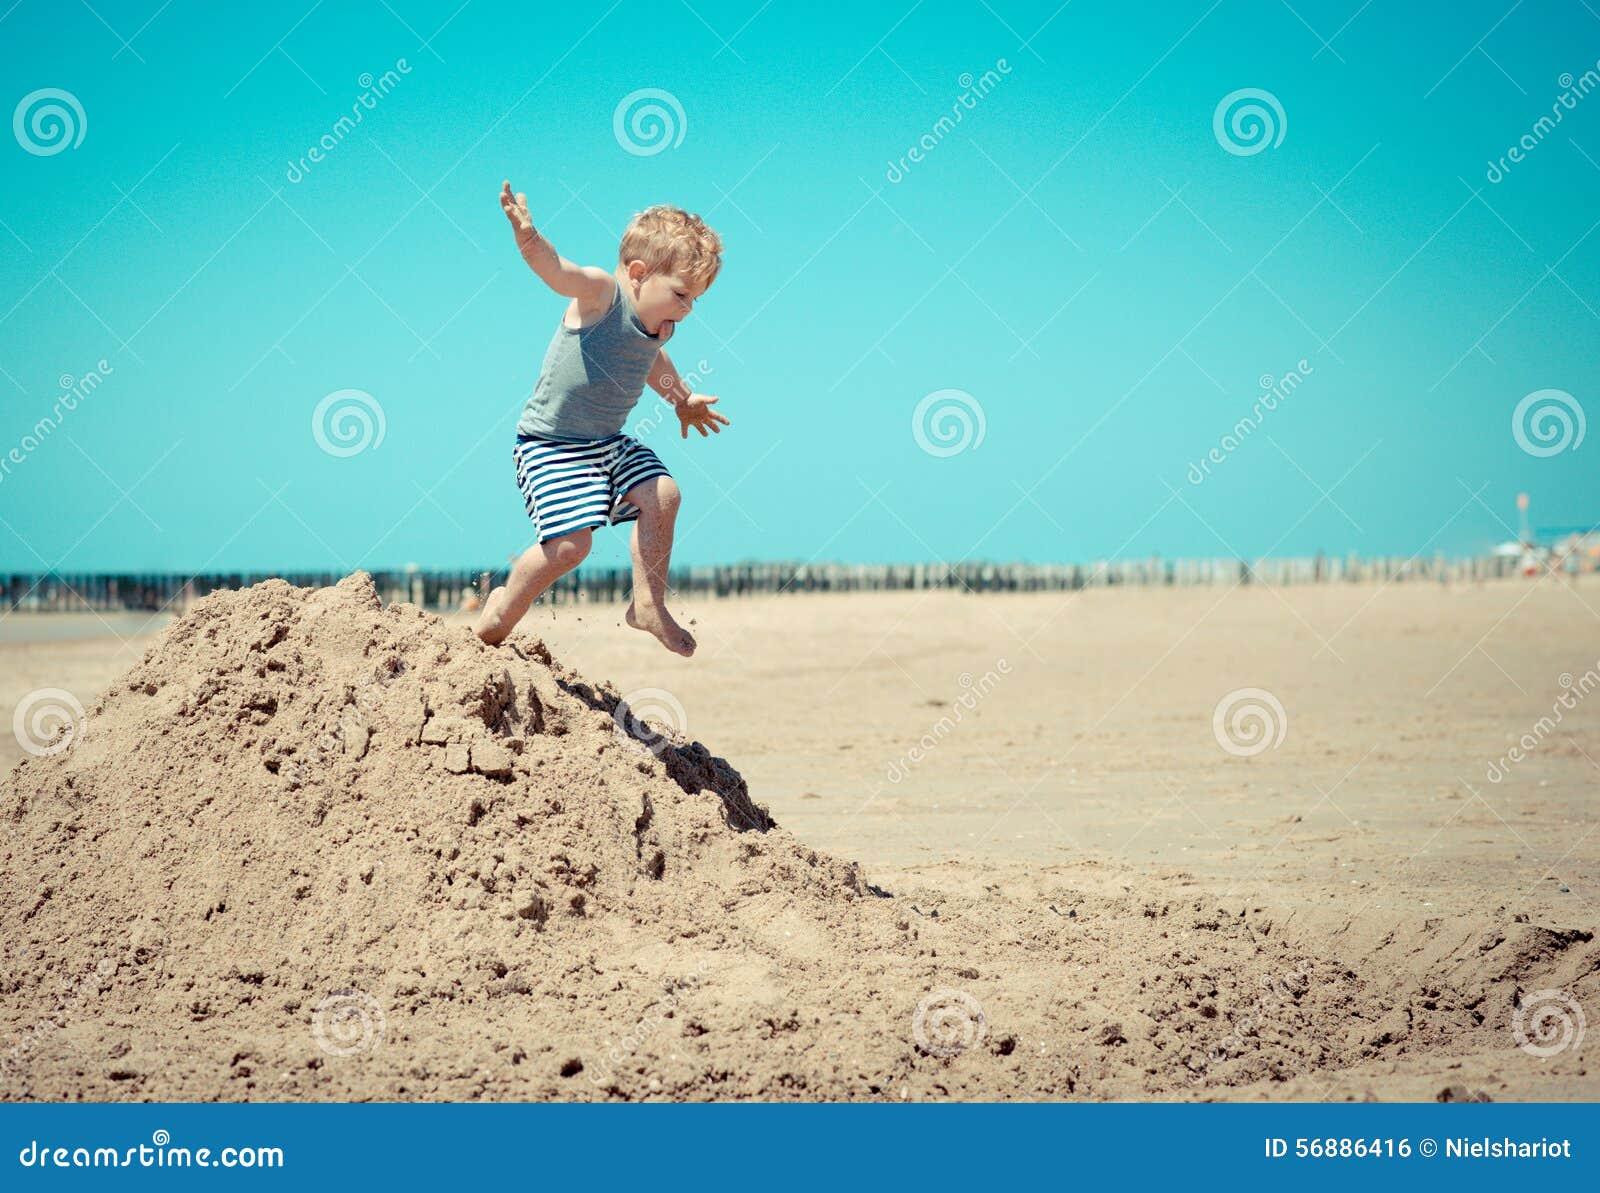 Weinig jongenskind springt van een berg op het strand